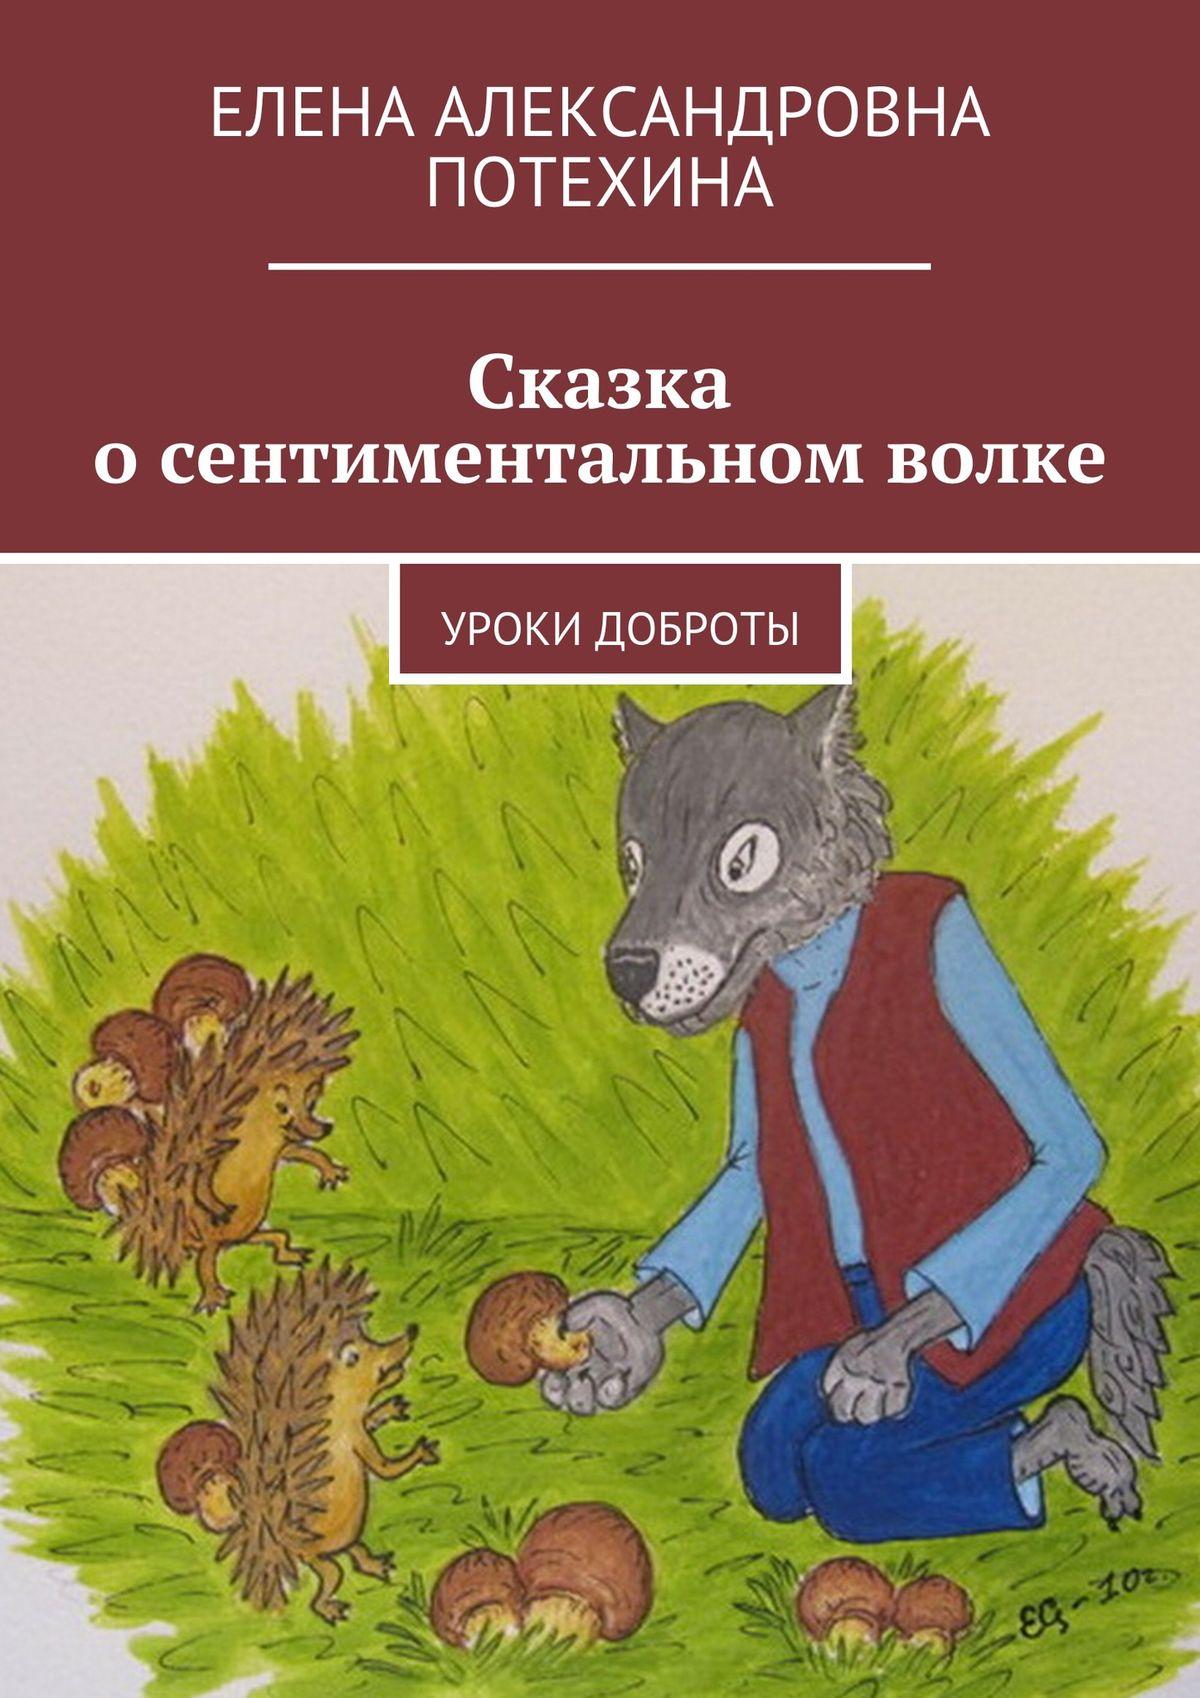 Сказка осентиментальном волке. Уроки доброты